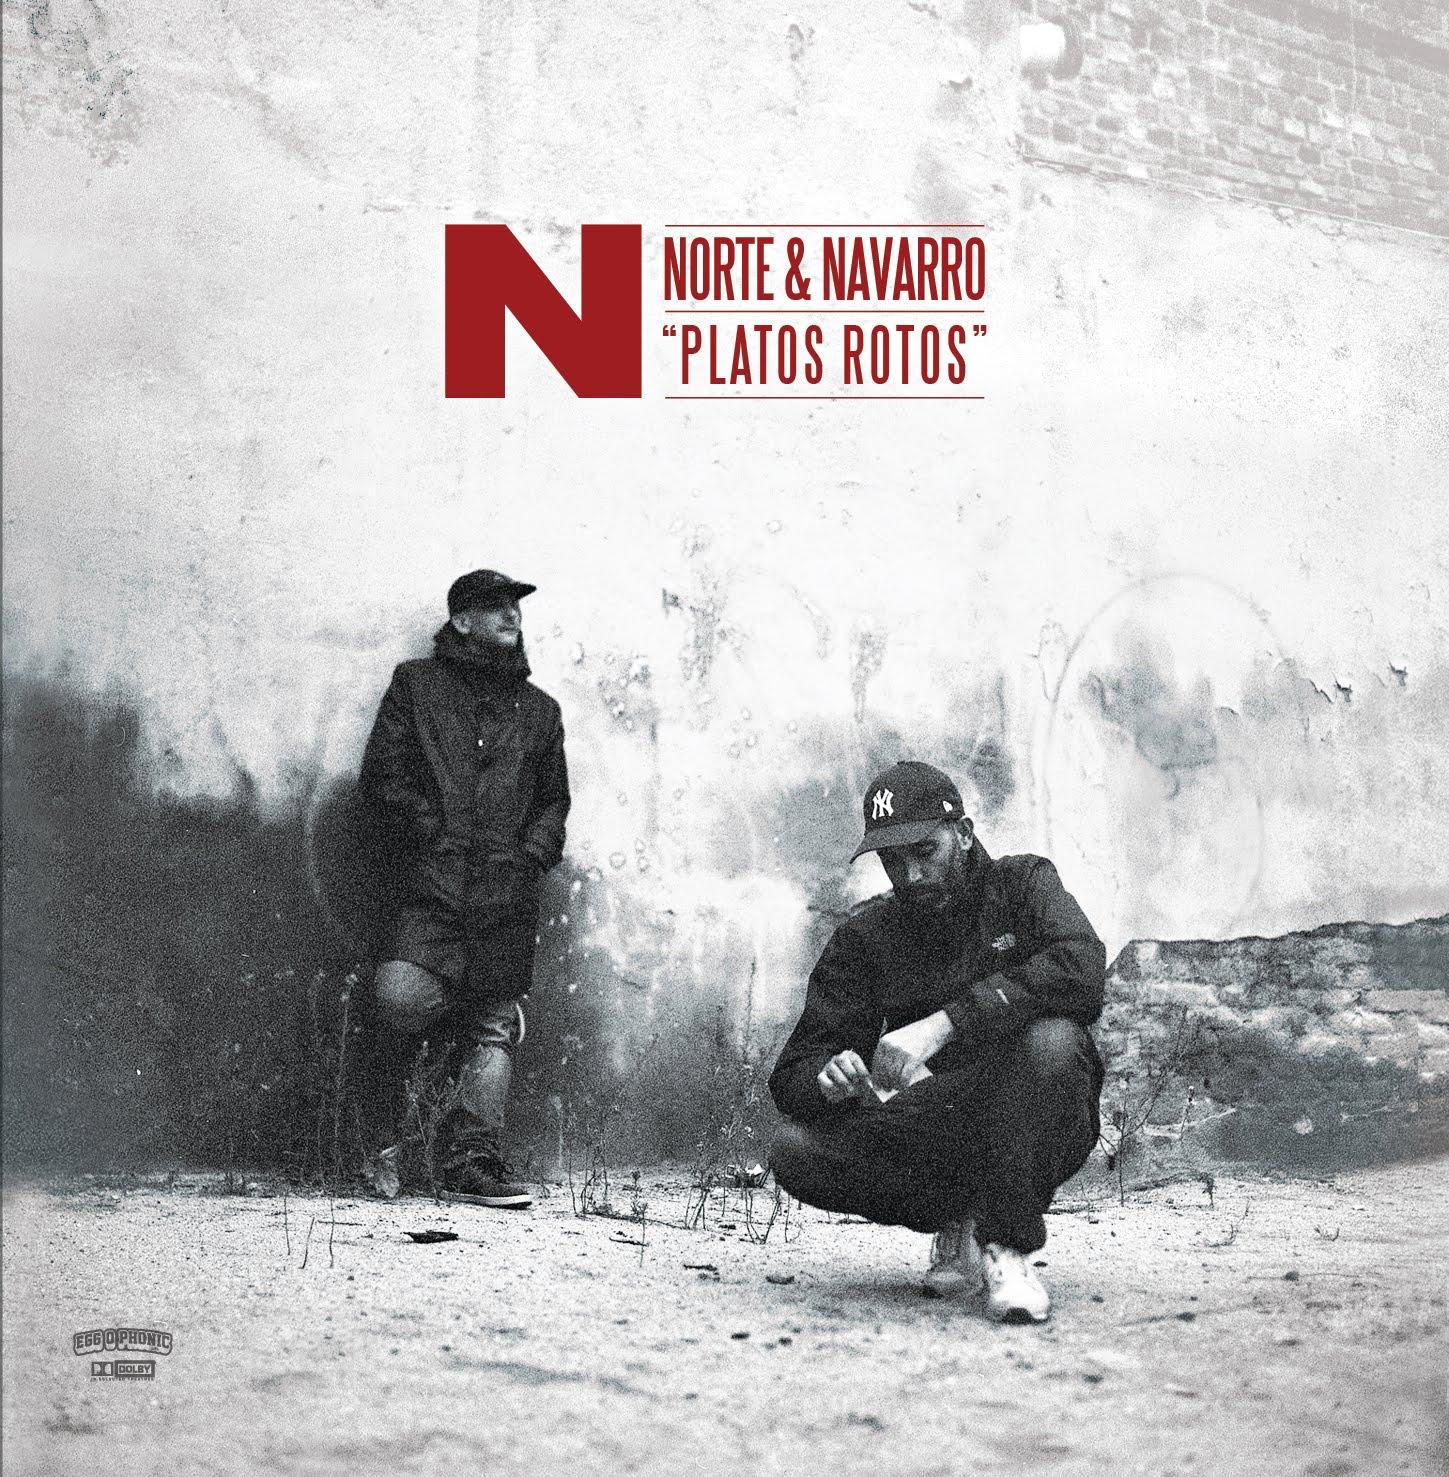 """NORTE & NAVARRO - """"PLATOS ROTOS"""""""